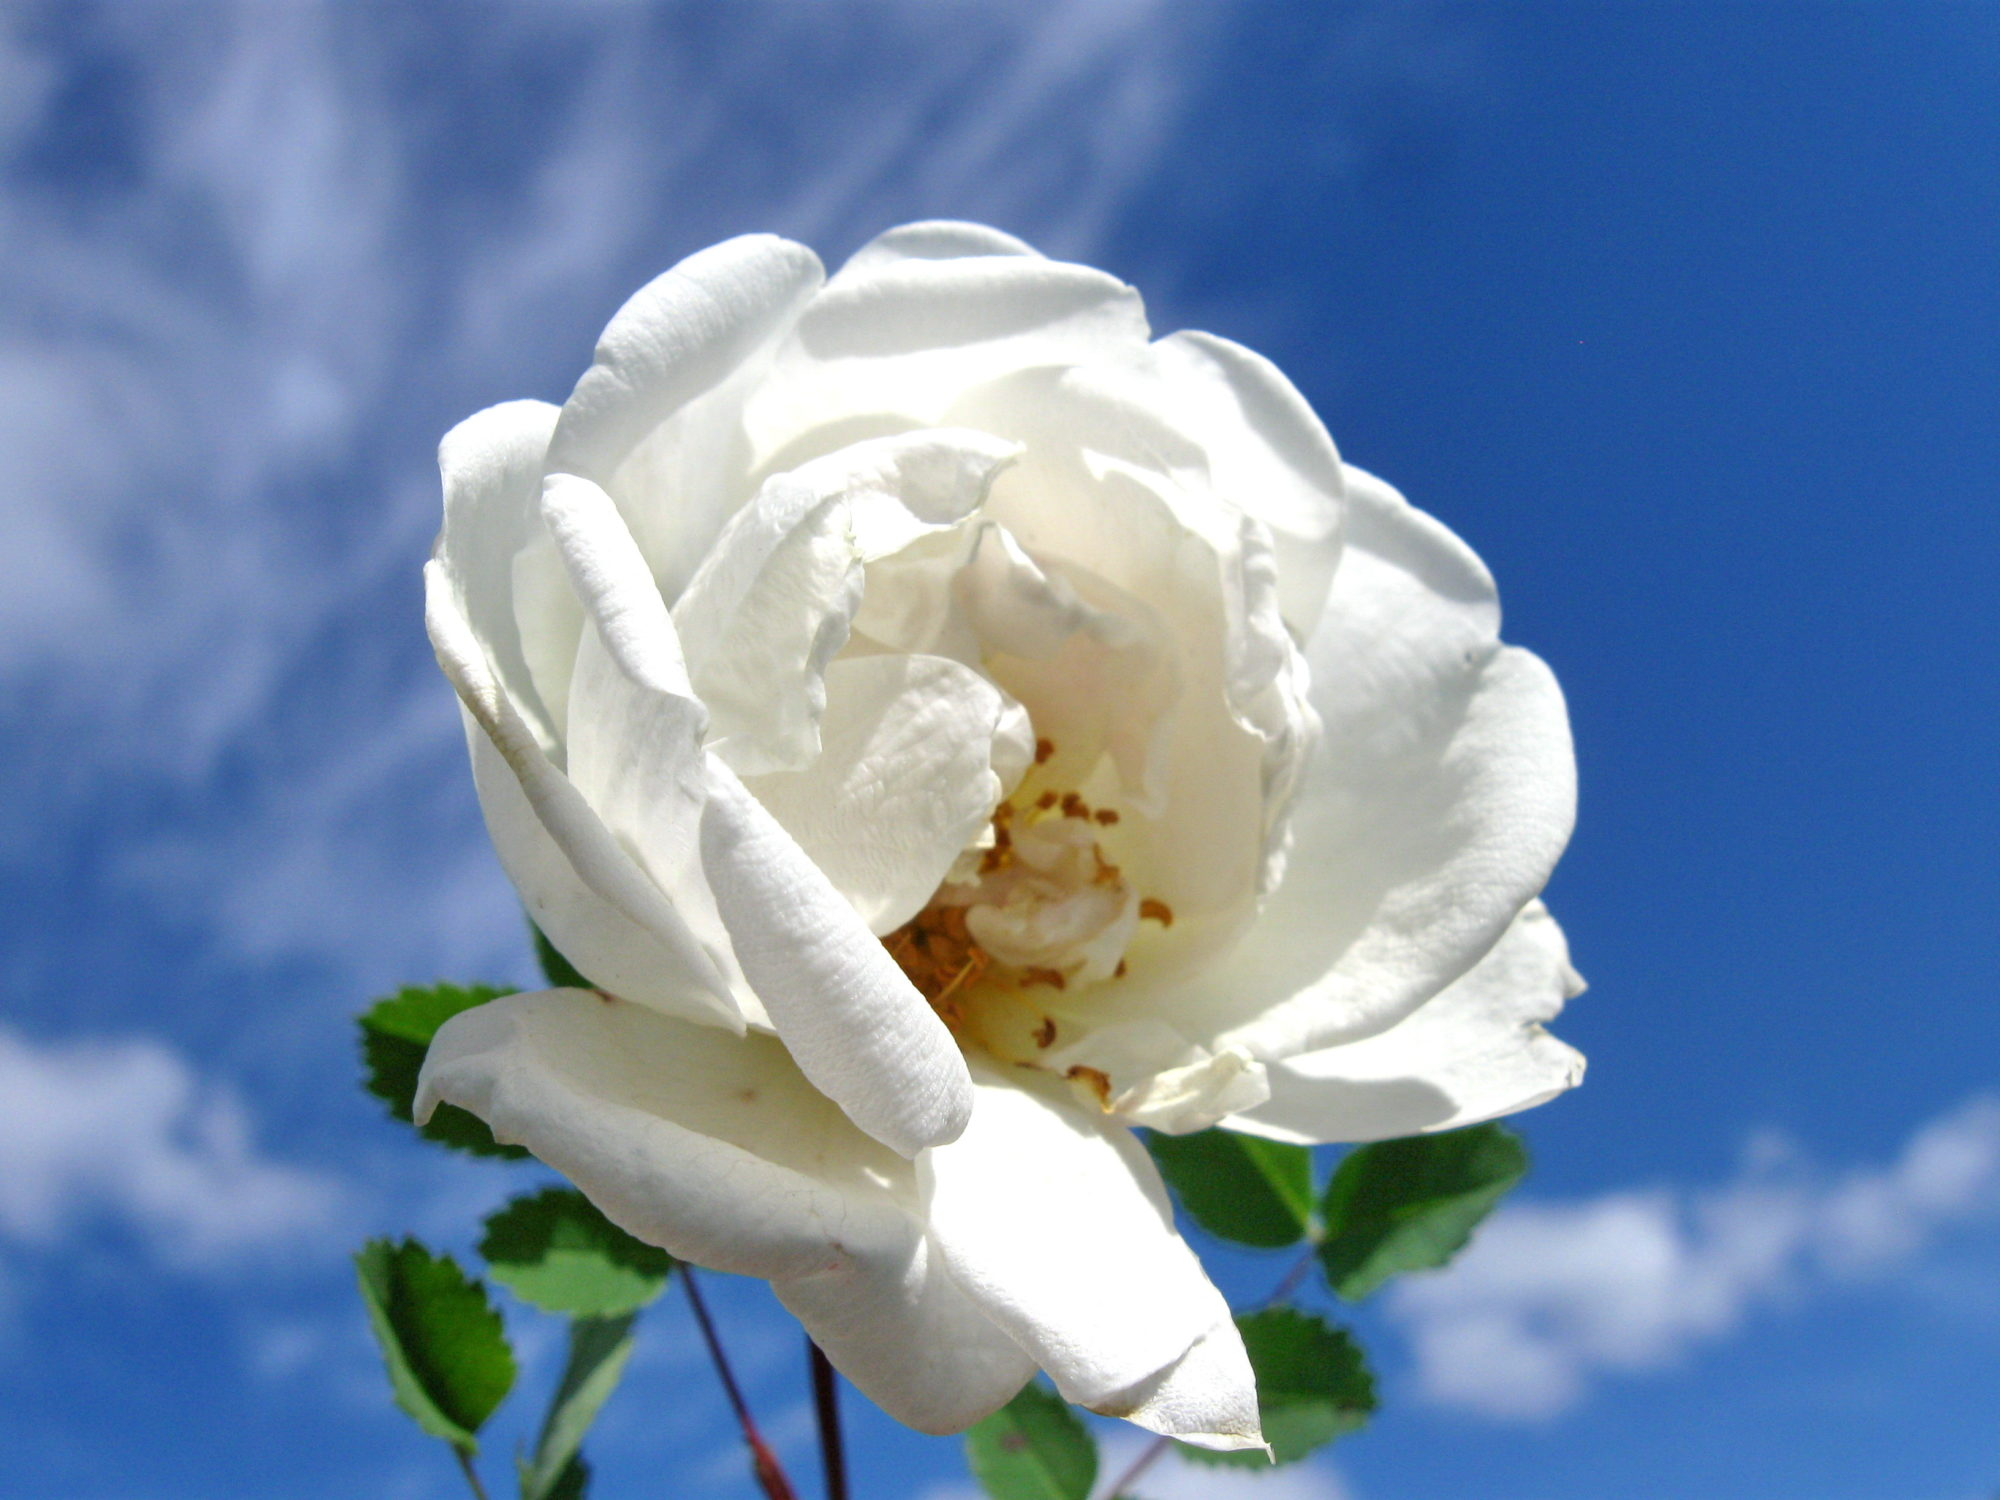 У этого растения есть гигантское число культурных форм, выращиваемых под общим наименованием Роза. Так же профессиональные ботаники в большинстве случаев именуют и сам шиповник, добавляя только, что это форма дикой розы.